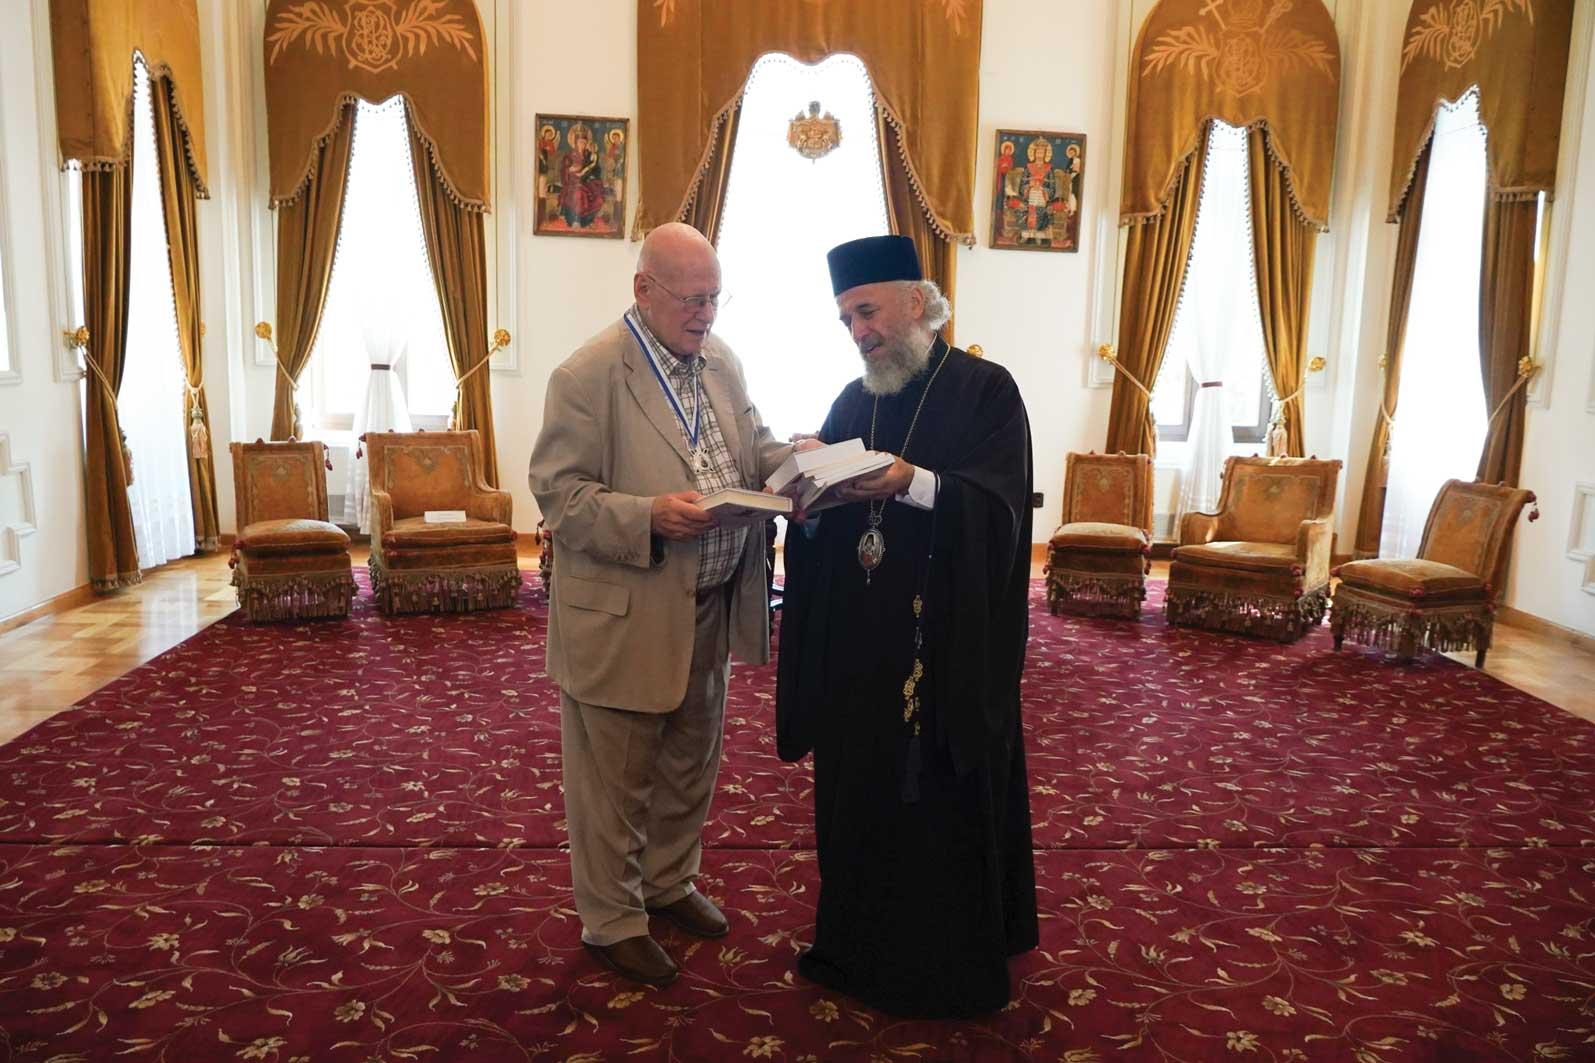 Distincţie a Arhiepiscopiei Dunării de Jos acordată academicianului Răzvan Theodorescu